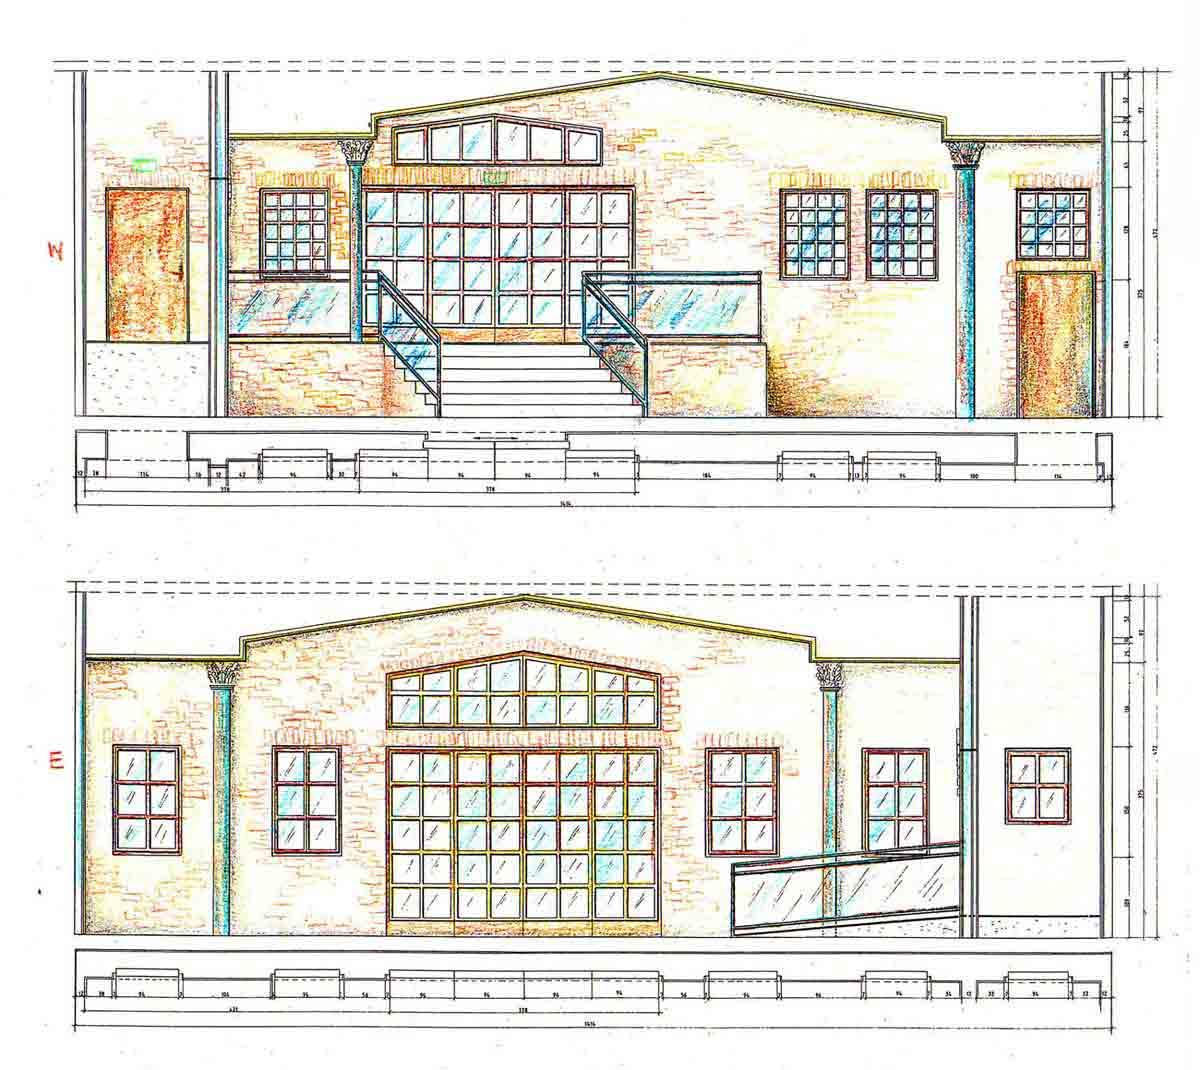 Atronic Casino Showroom Phoenix USA - Entwurf für die Wandabwicklungen - Interior Design Planung von Milo